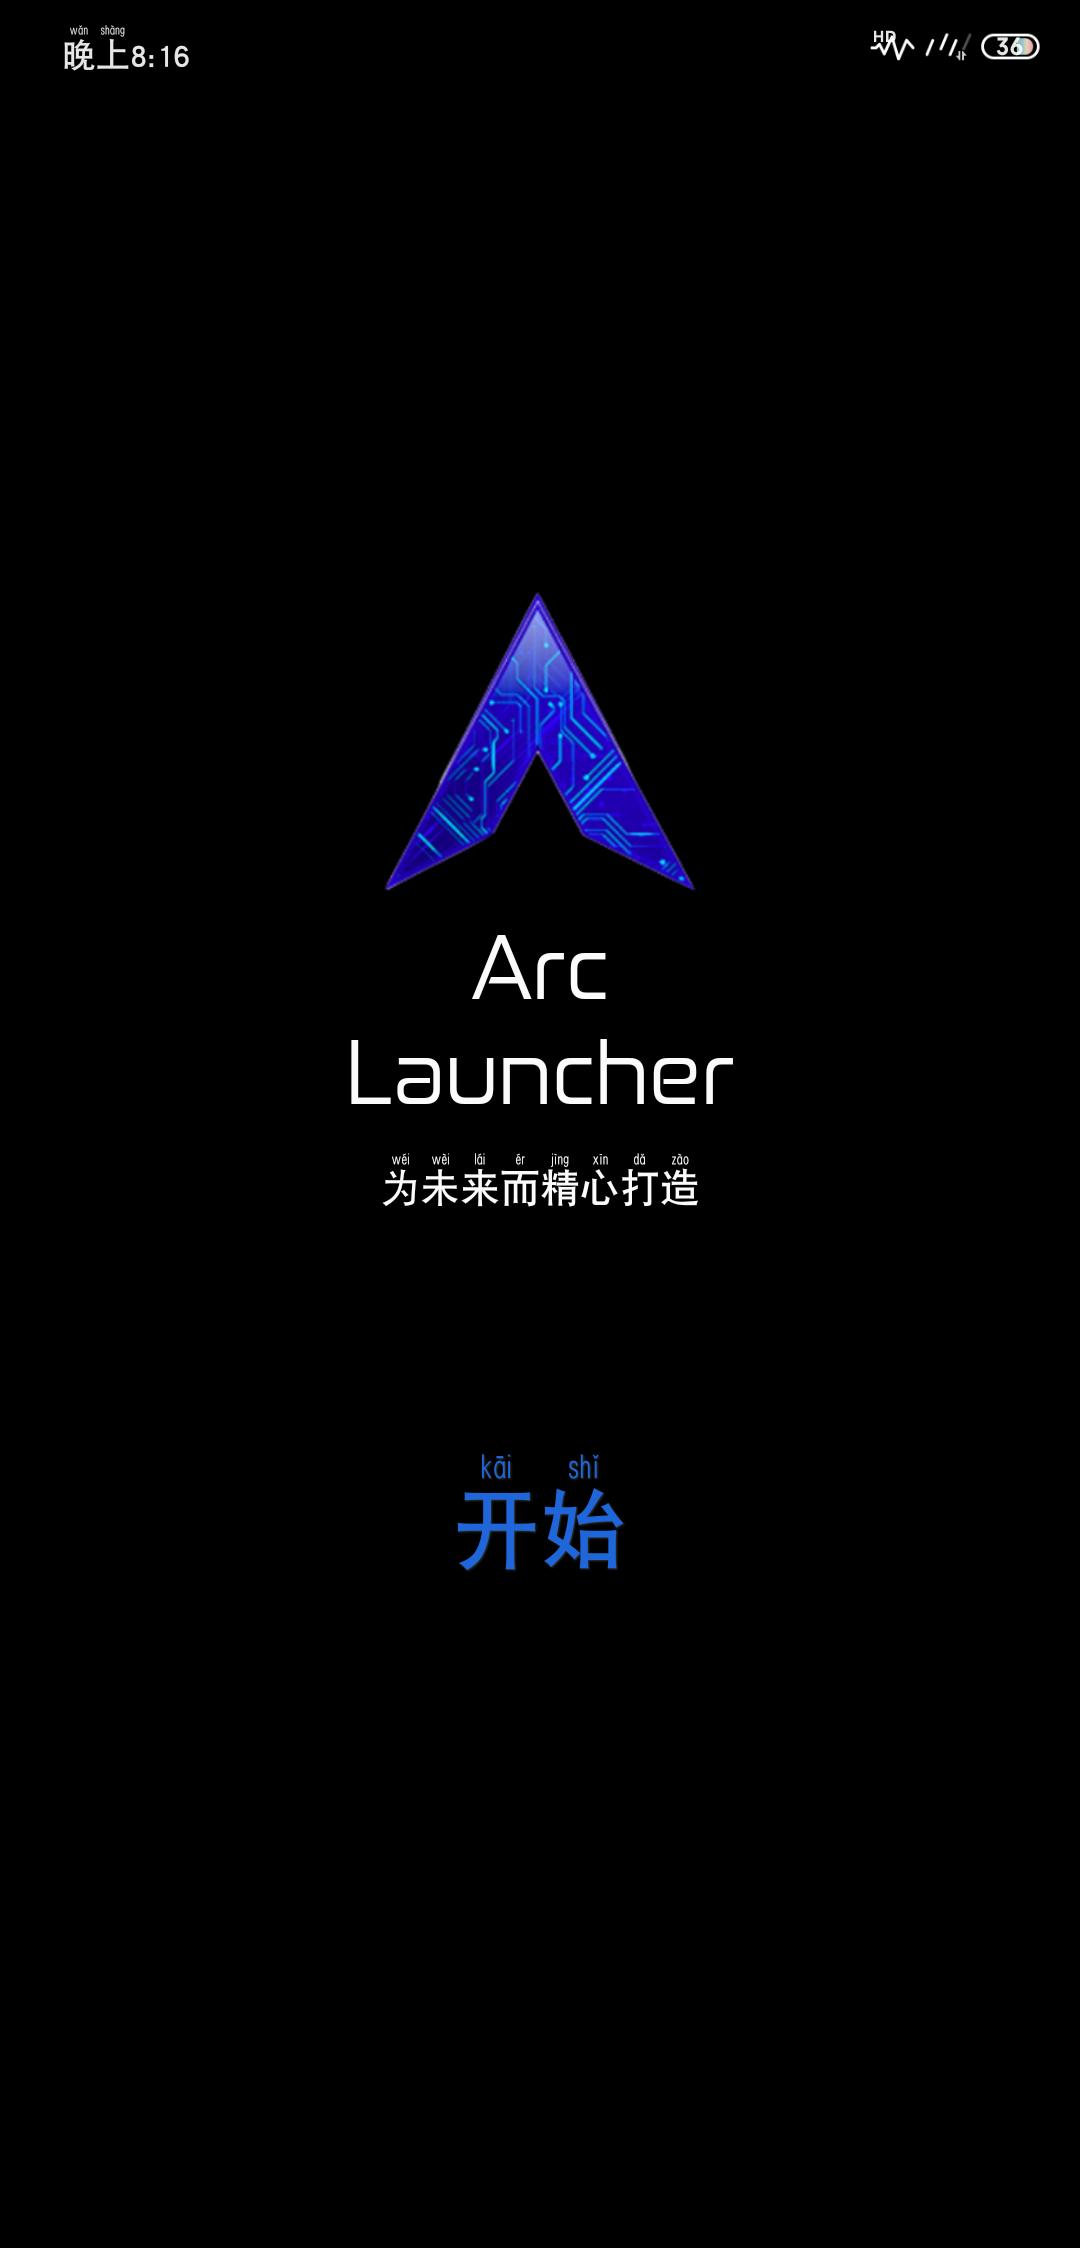 【分享】arc炫酷桌面启动器 炫酷的手机桌面美化,功能强大!